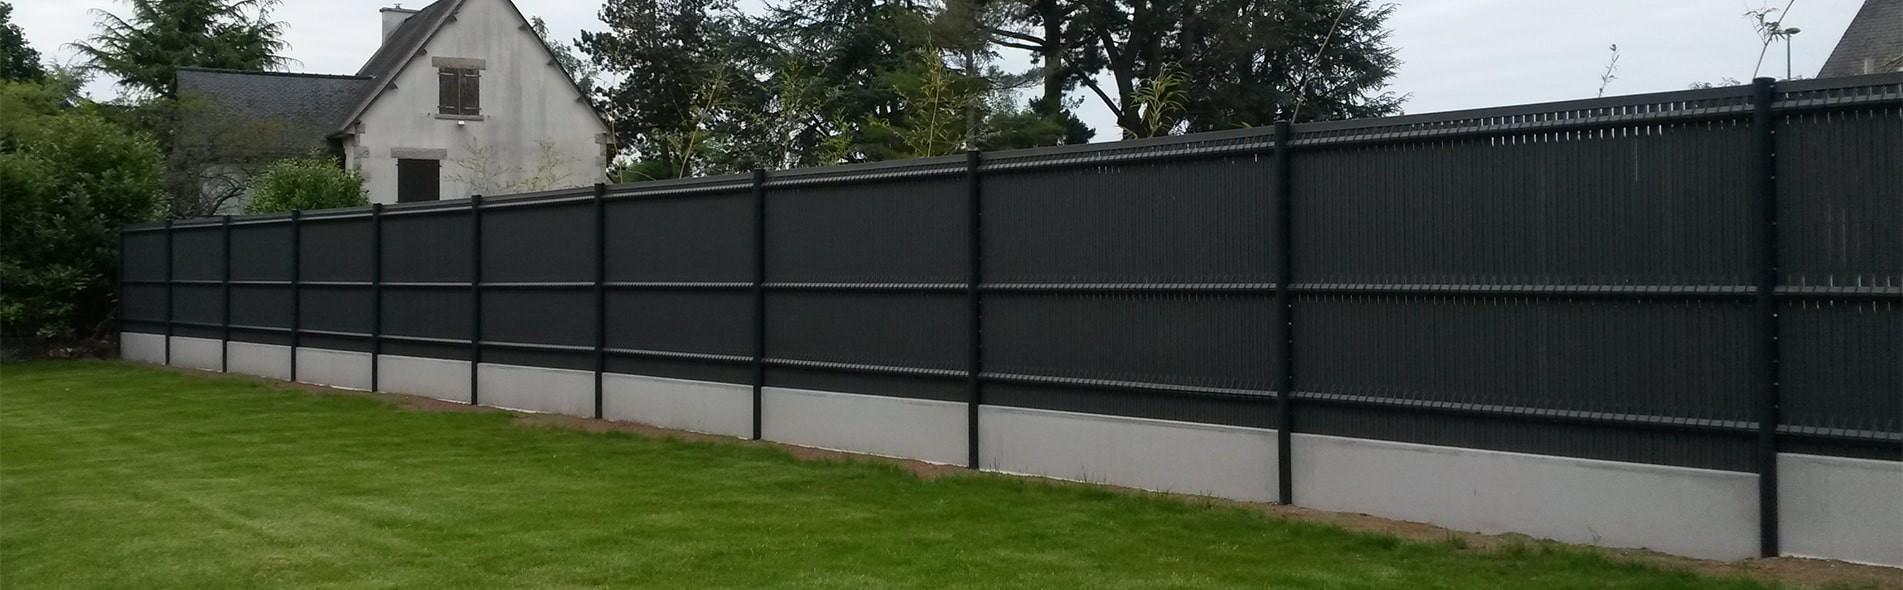 Prix D Un Mur De Cloture En Plaque De Beton vente de clôtures rigides (pvc, alu) grillages & portails